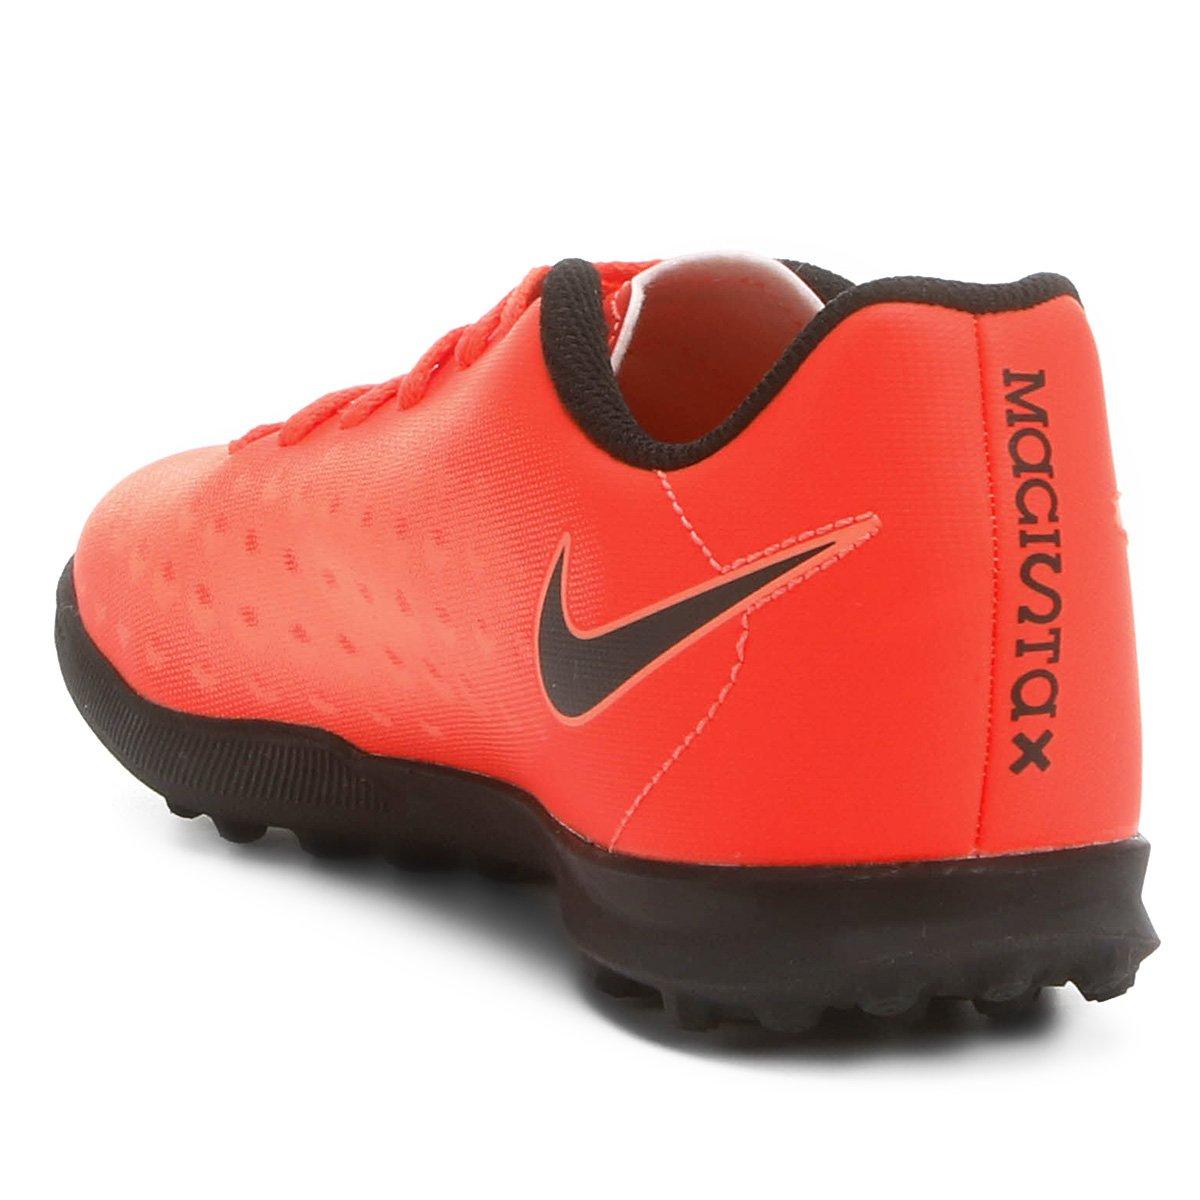 c3ae6a7eb6 Chuteira Society Infantil Nike Magista Ola II TF - Compre Agora ...